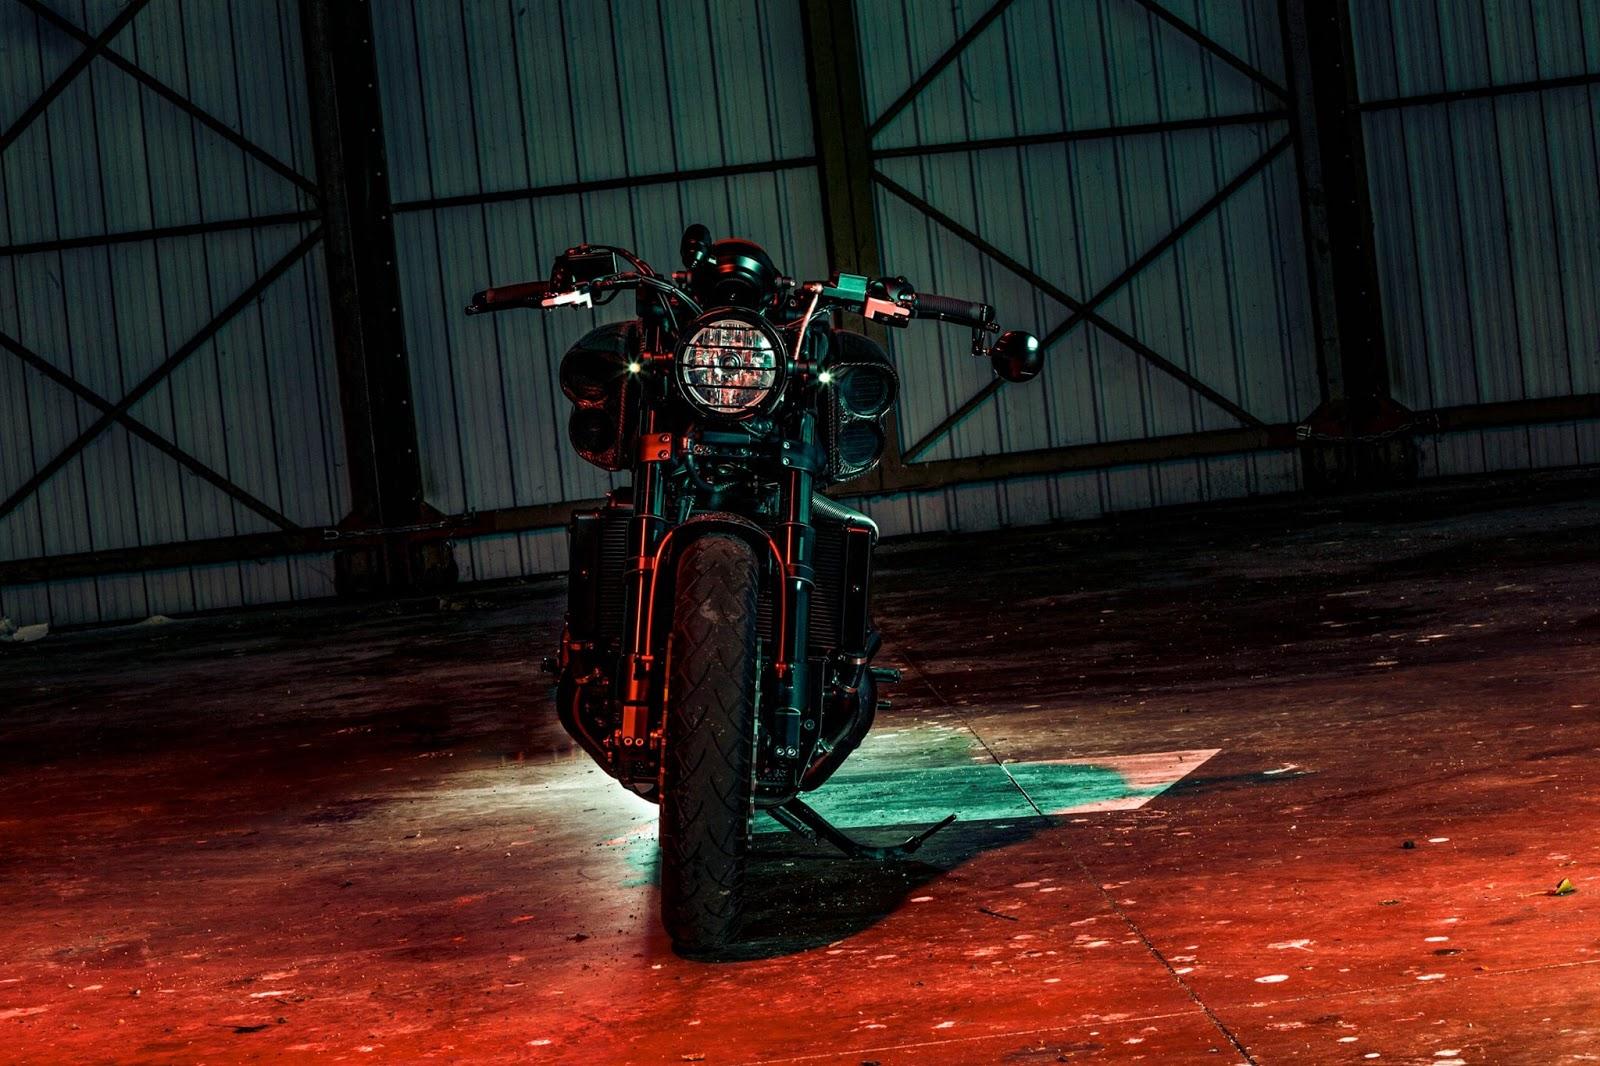 V Max 1700 Fast Ruby Rocketgarage Cafe Racer Magazine